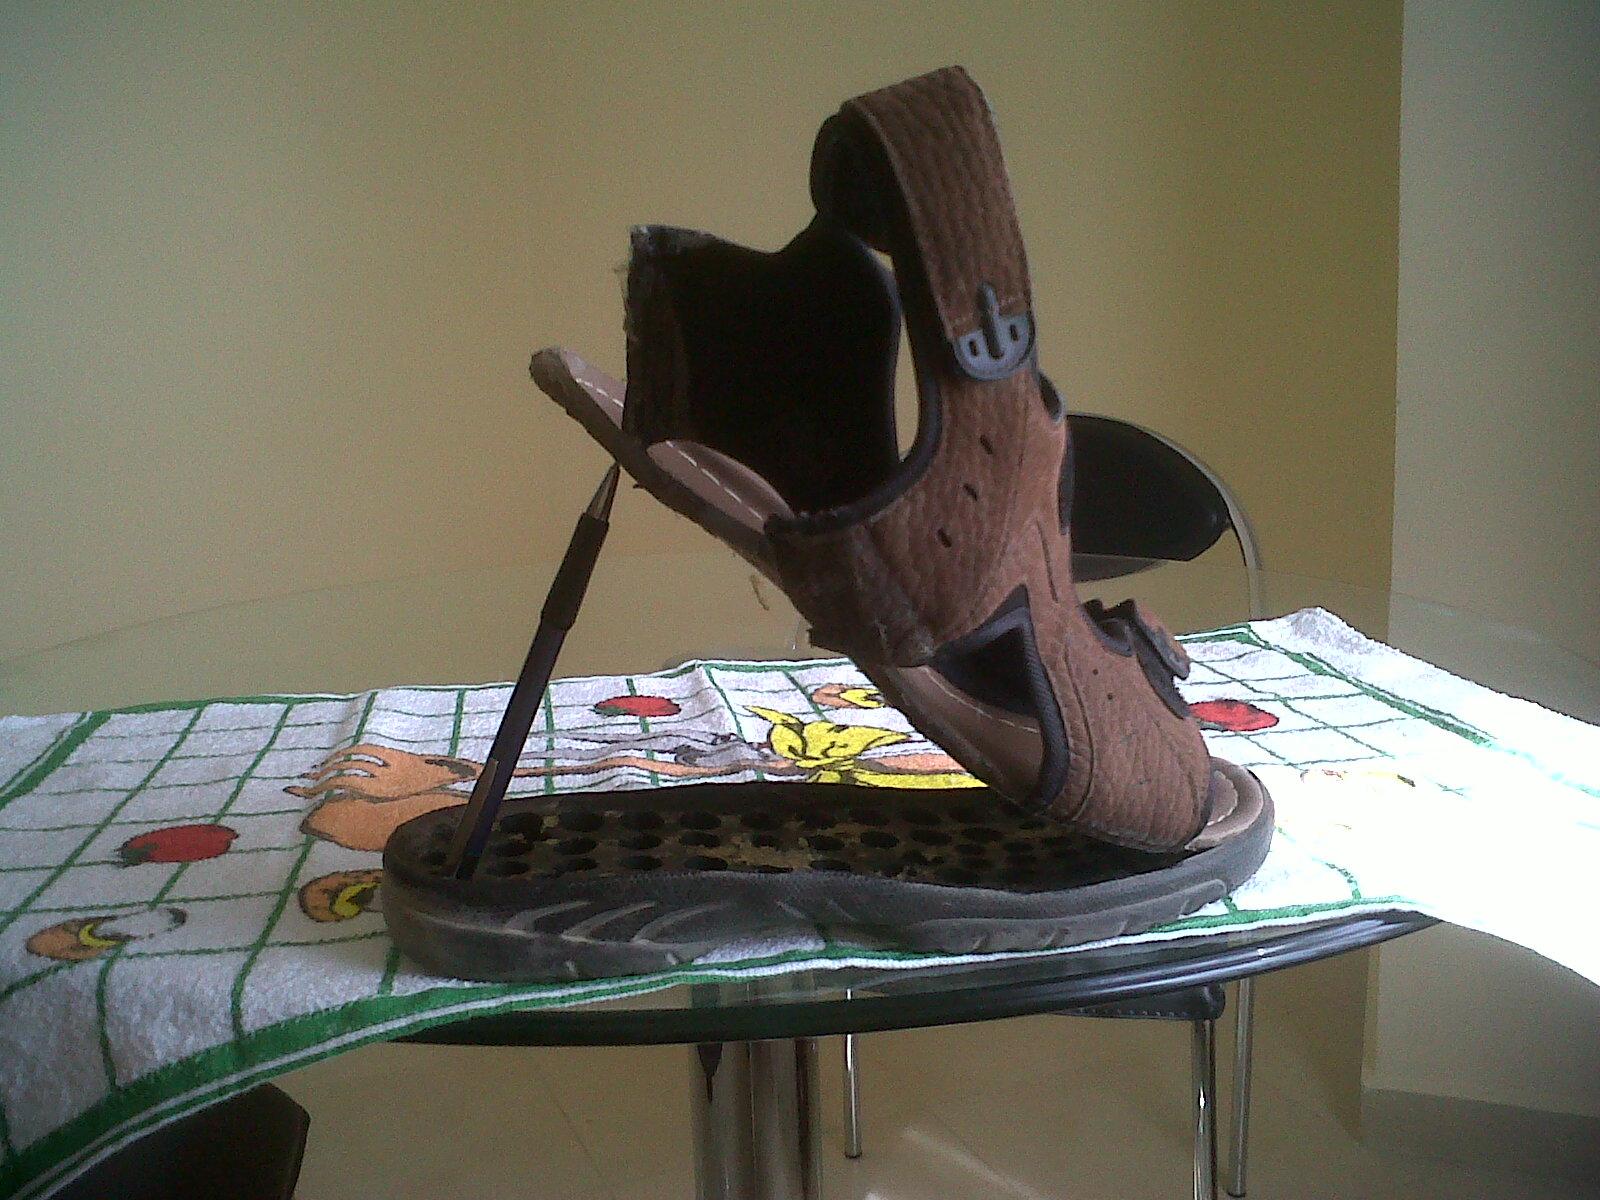 ägyptische Sandalen nach 3 Tagen